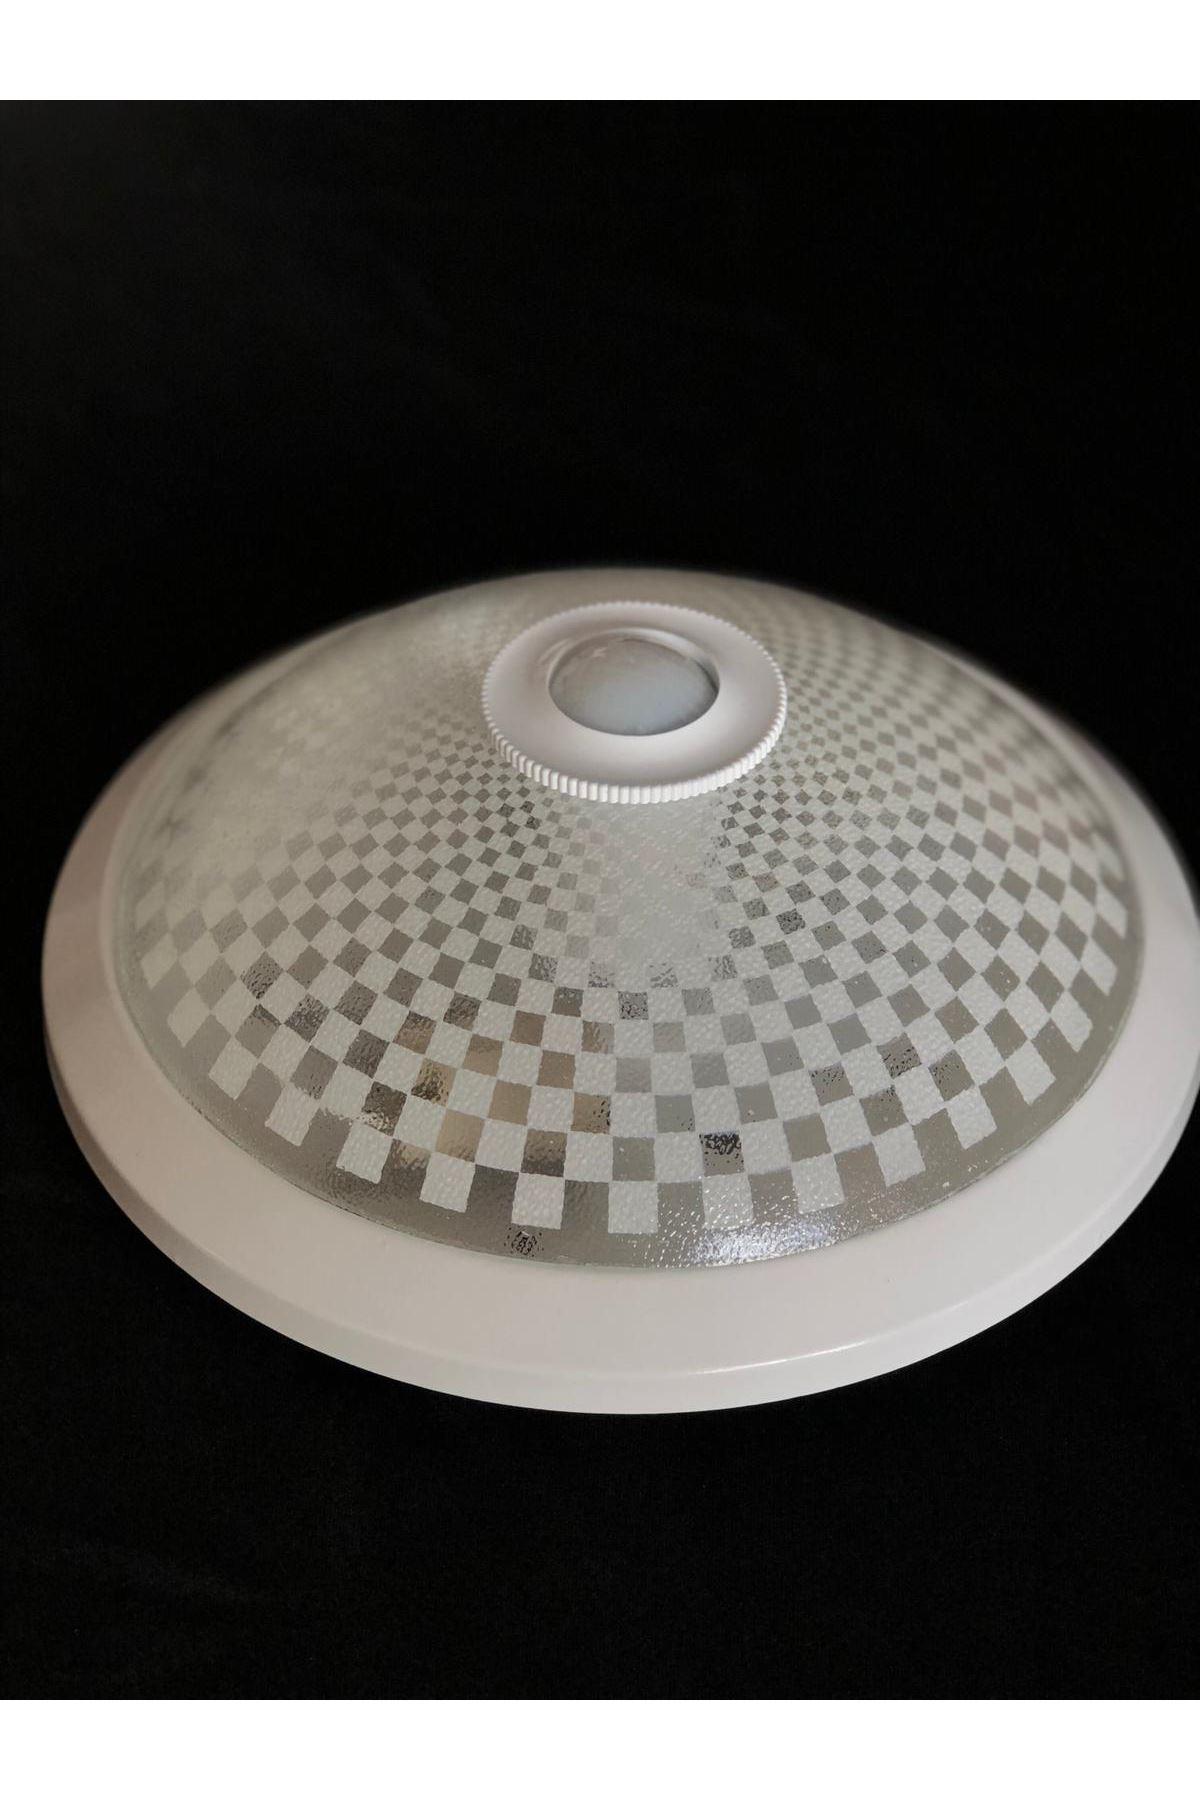 Sensörlü Armatür 2 Duylu Kare Desen- Beyaz